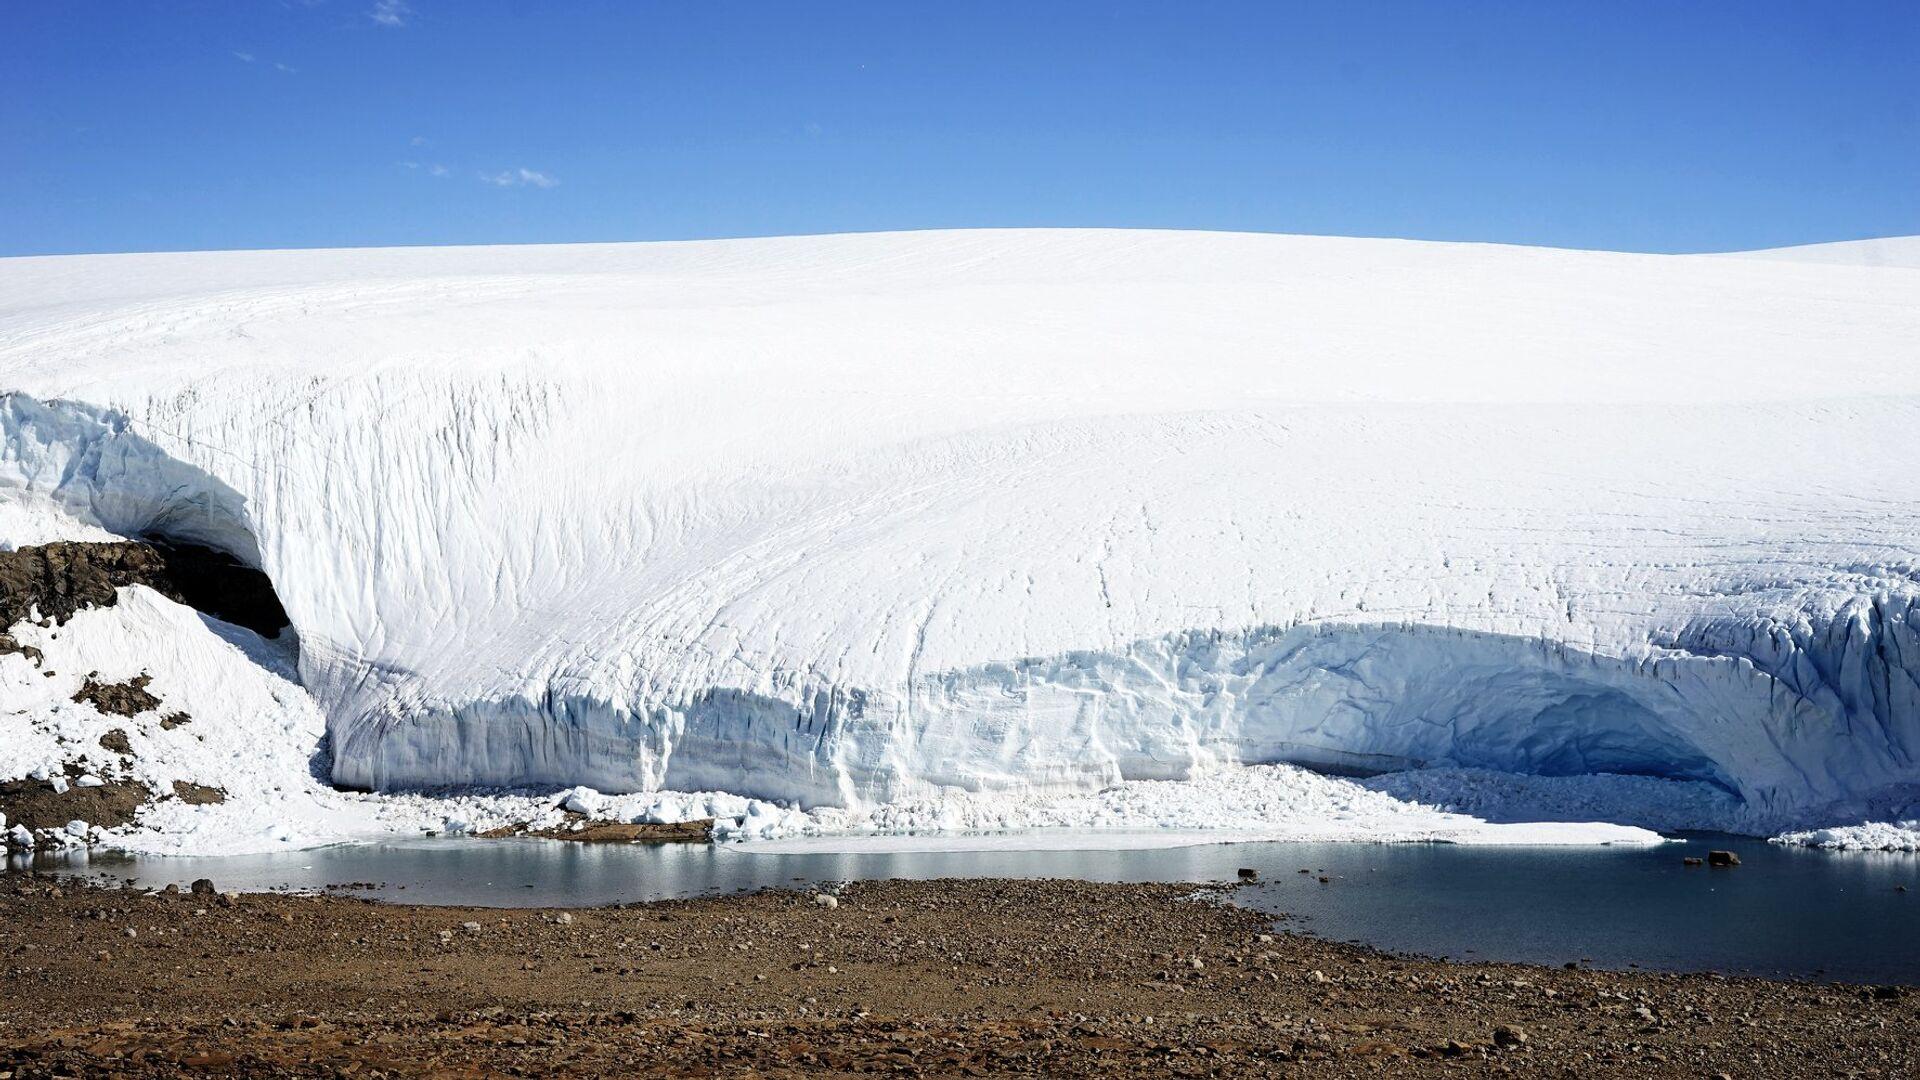 Ученые выяснили, когда в атмосфере Земли появился кислород